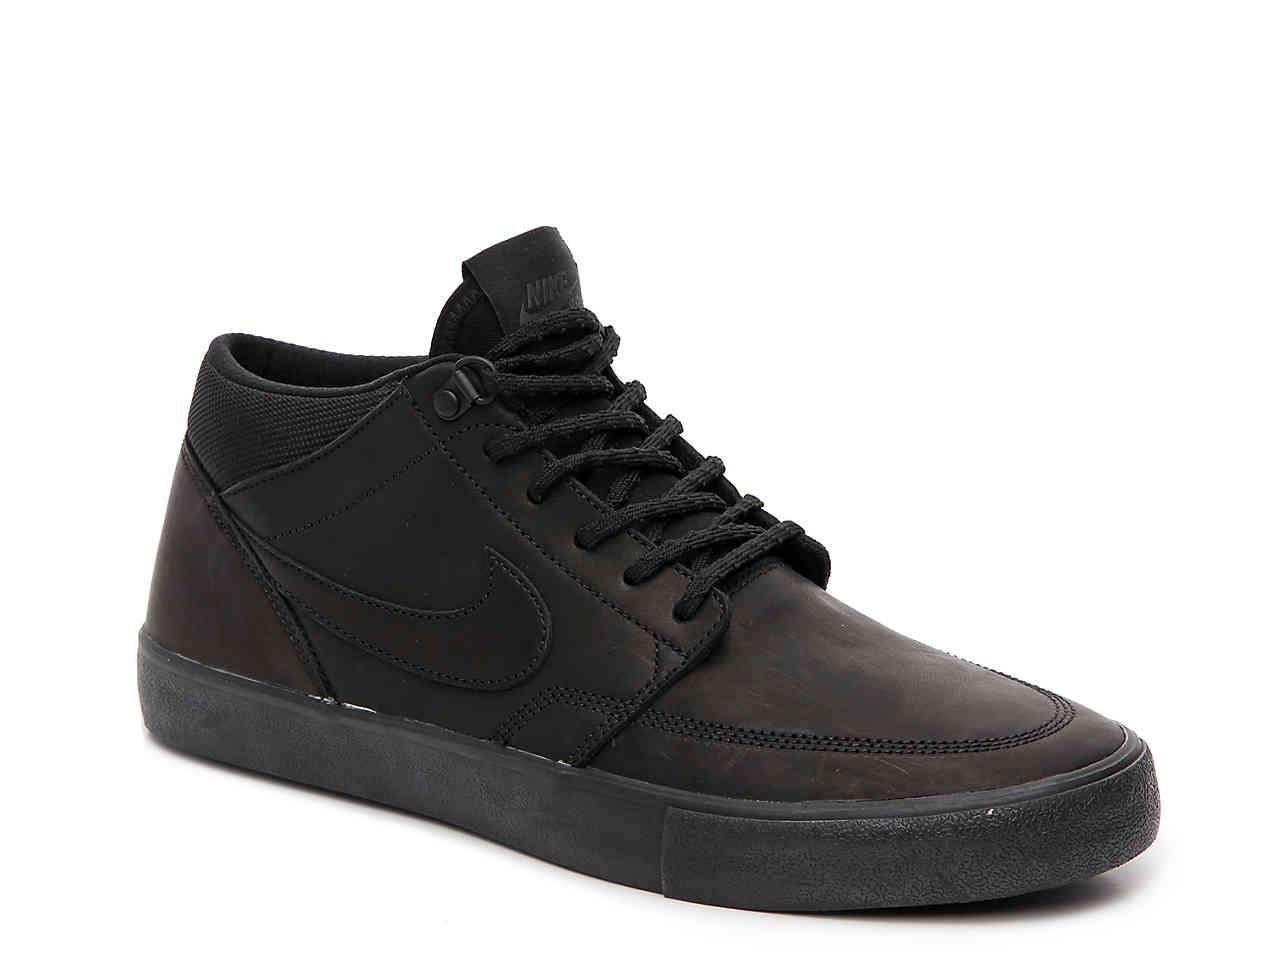 antenato unicamente Passivo  Nike Leather Sb Portmore Mid-top Sneaker in Black for Men - Lyst